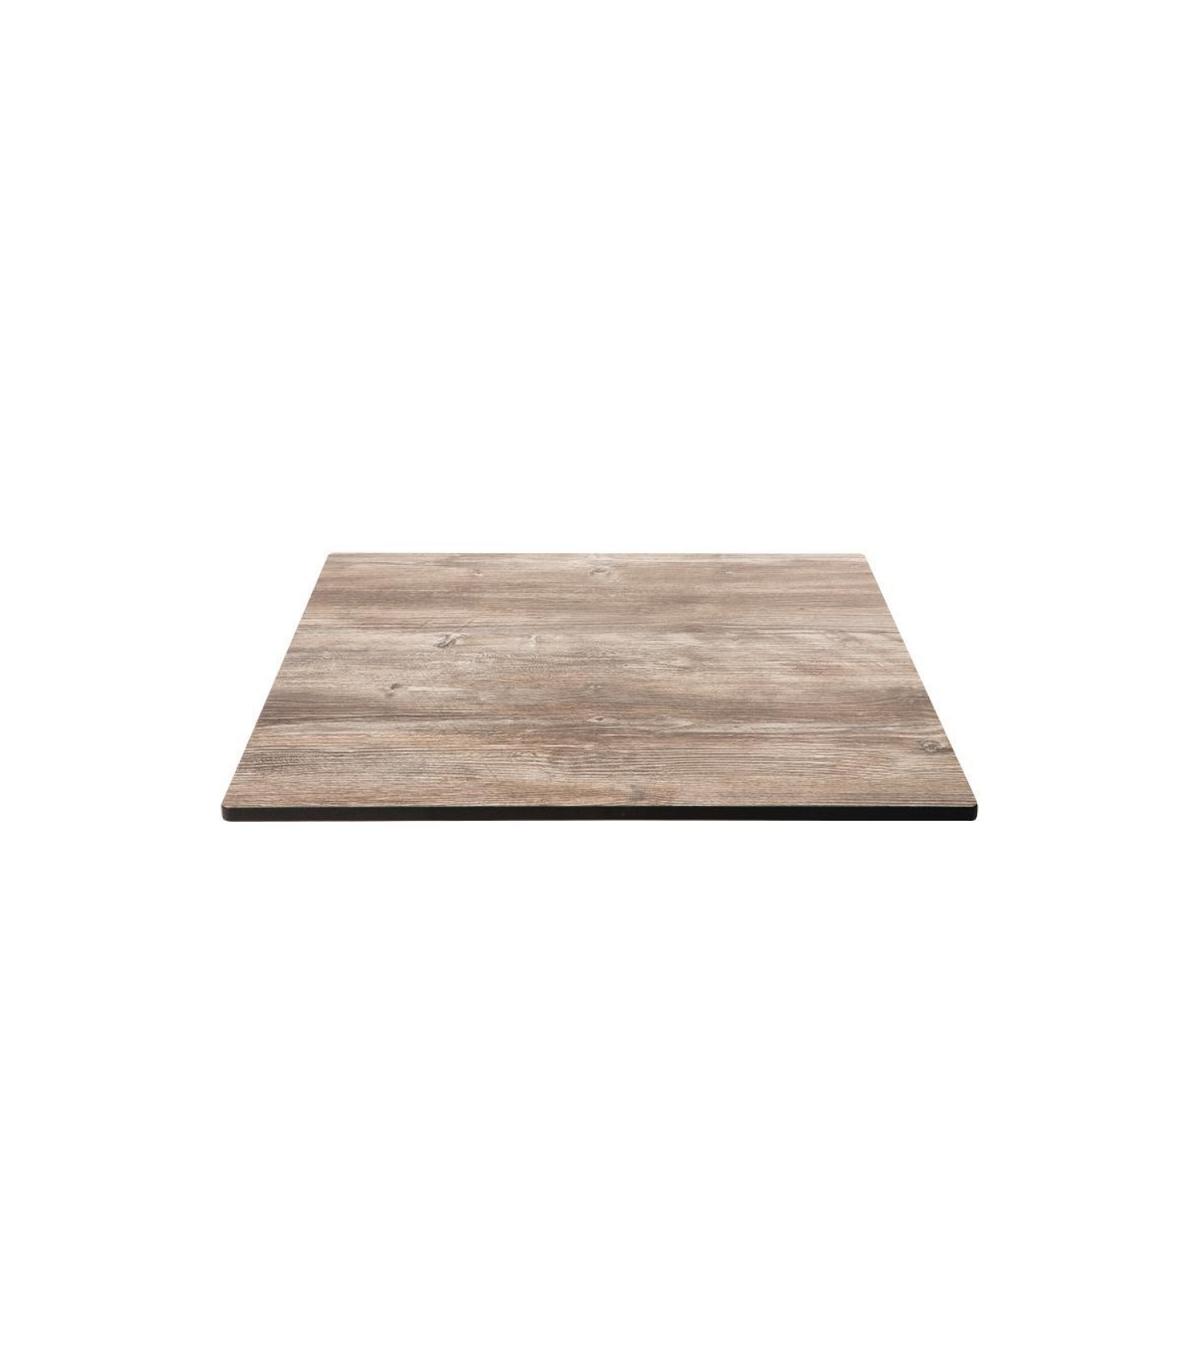 plateau table carr ext rieur diff rents coloris. Black Bedroom Furniture Sets. Home Design Ideas